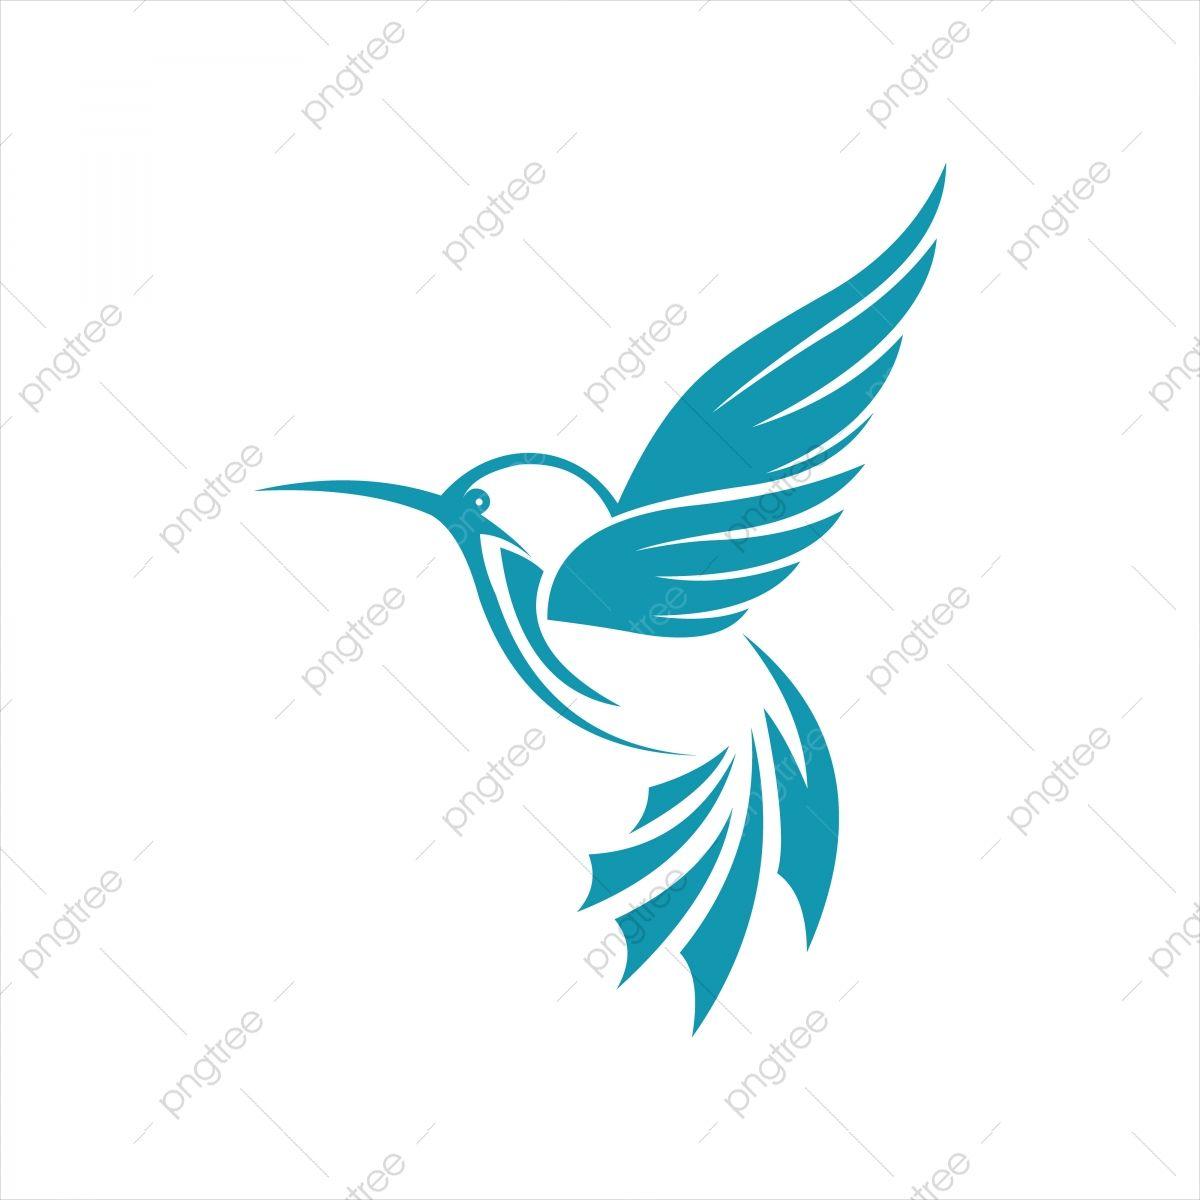 Hummingbird Logo Design Vector Template Hummingbird Clipart Logo Icons Template Icons Png And Vector With Transparent Background For Free Download Di 2021 Burung Kolibri Latar Belakang Ikon